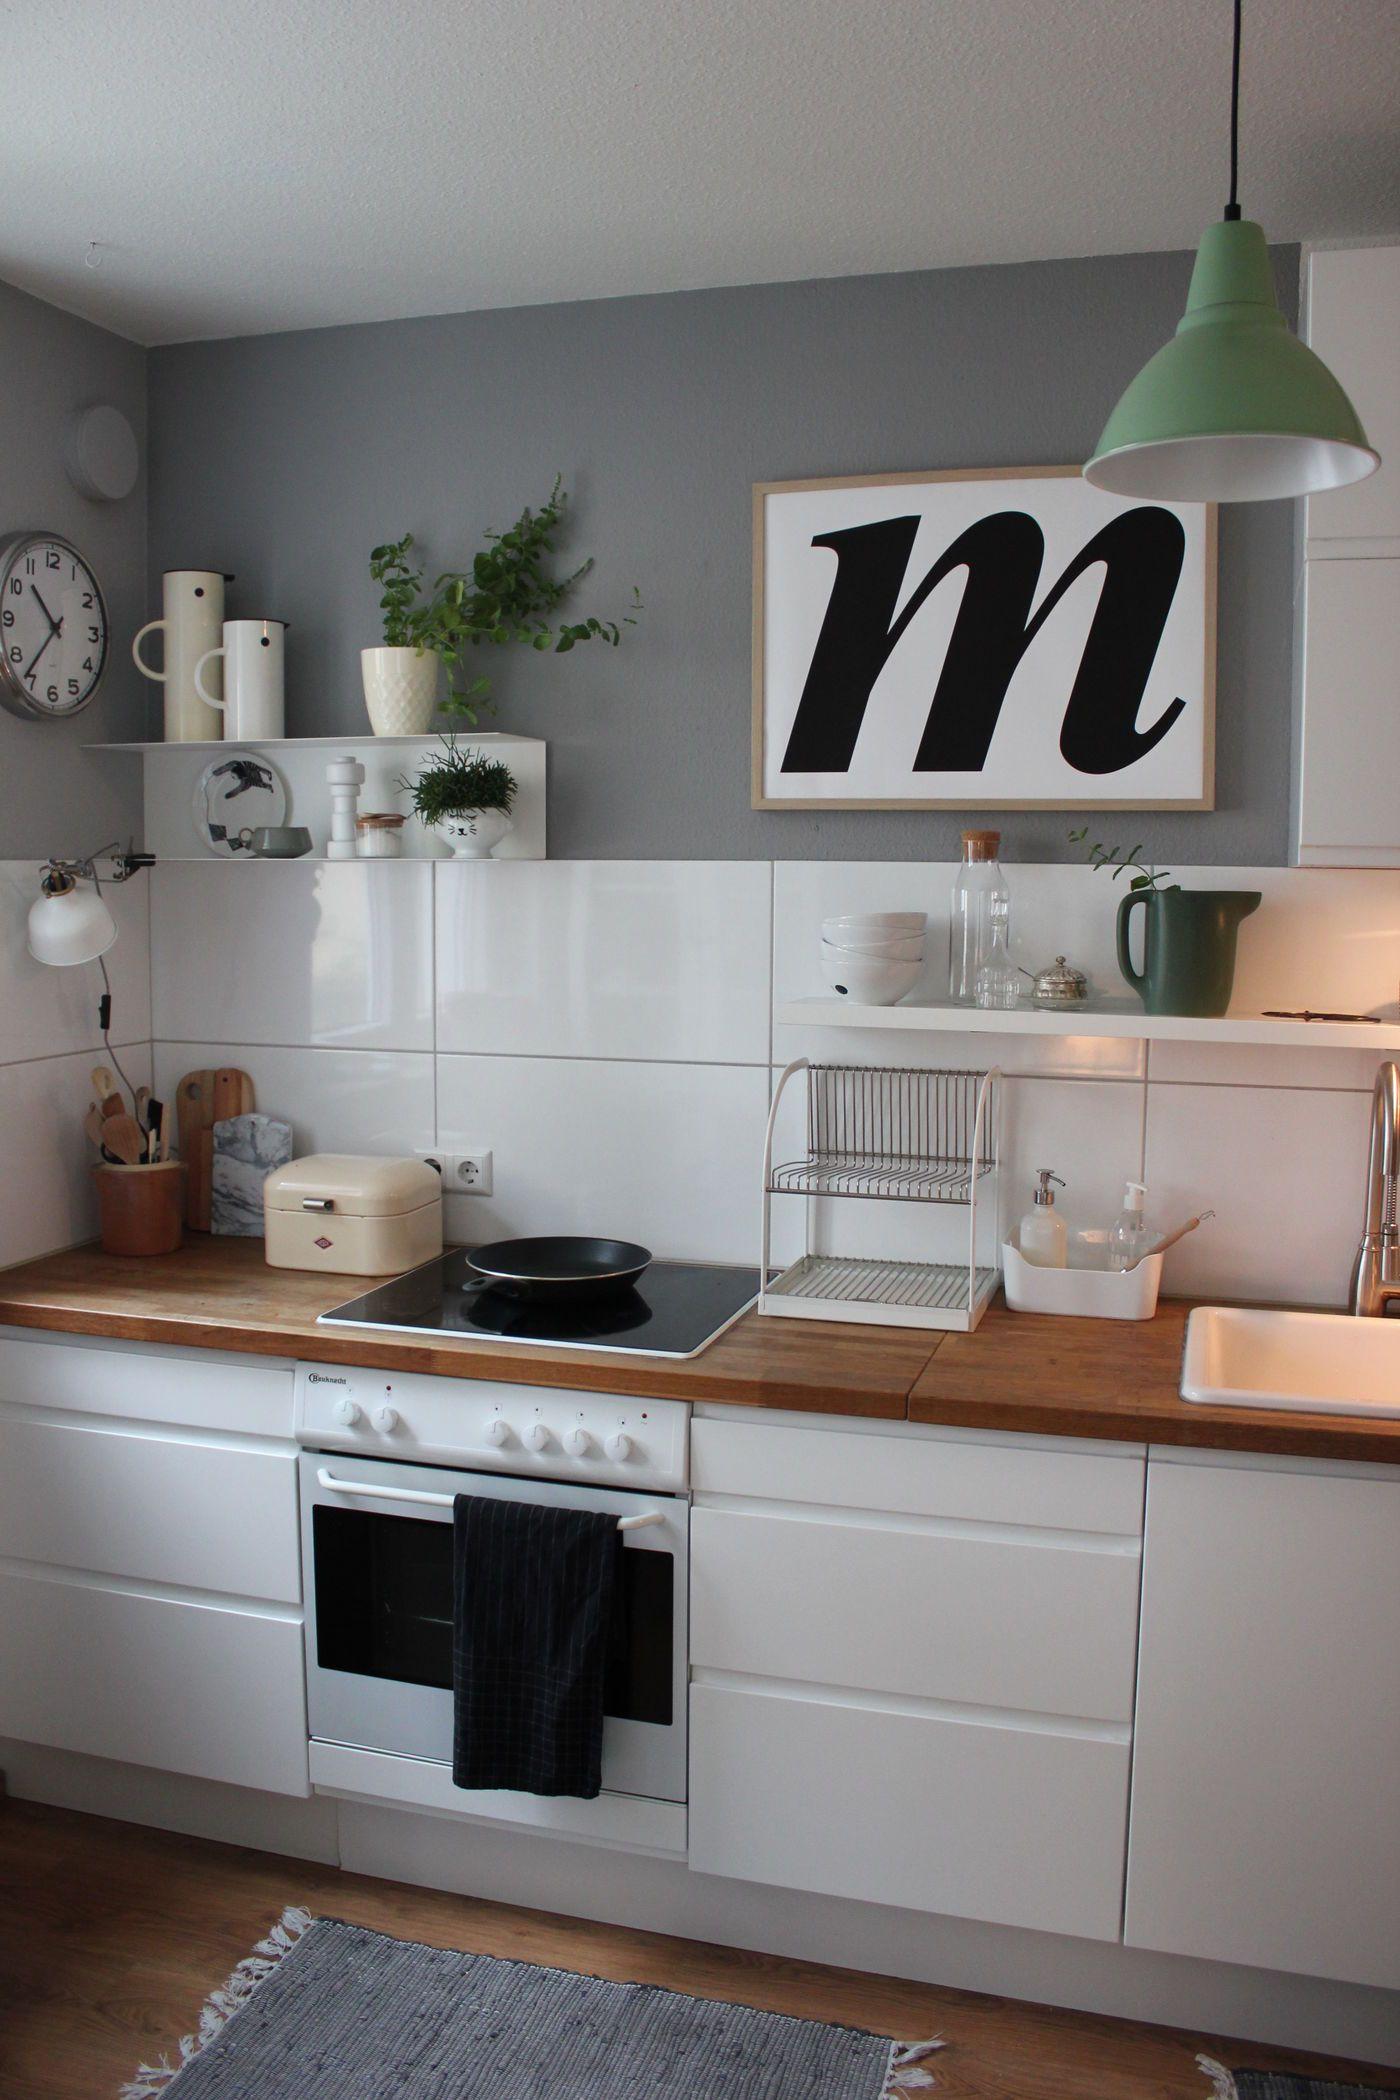 Berühmt Einbauküchen Zum Verkauf In Schottland Galerie ...